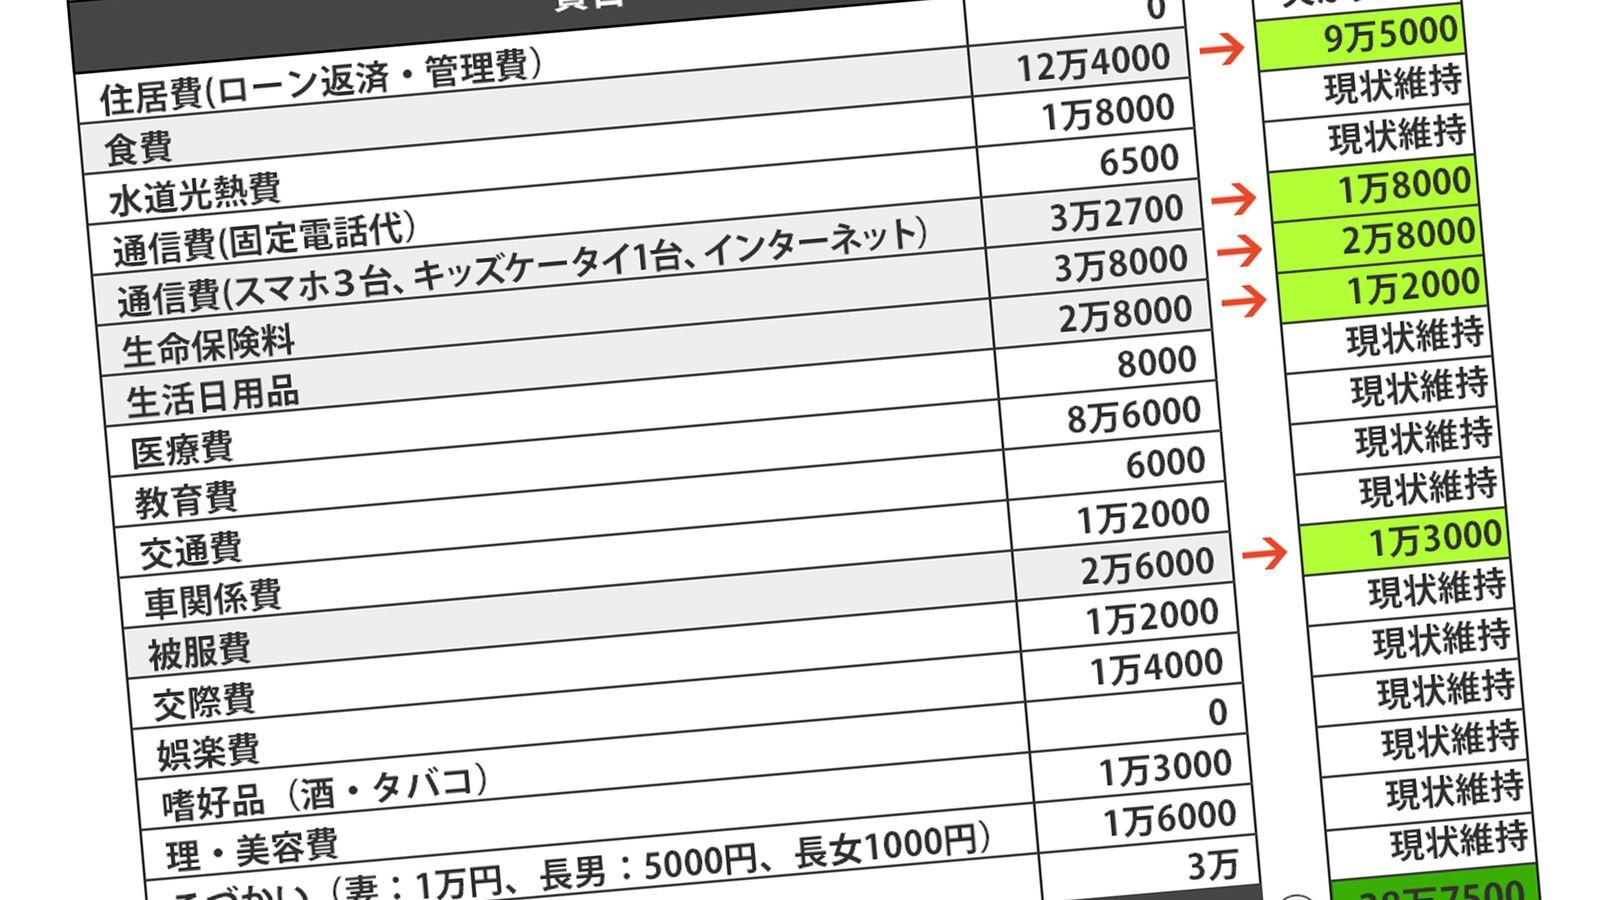 月47万浪費「週3ドンキ妻」がハマったリボ地獄 毎月7万円赤字で借金は100万円超に